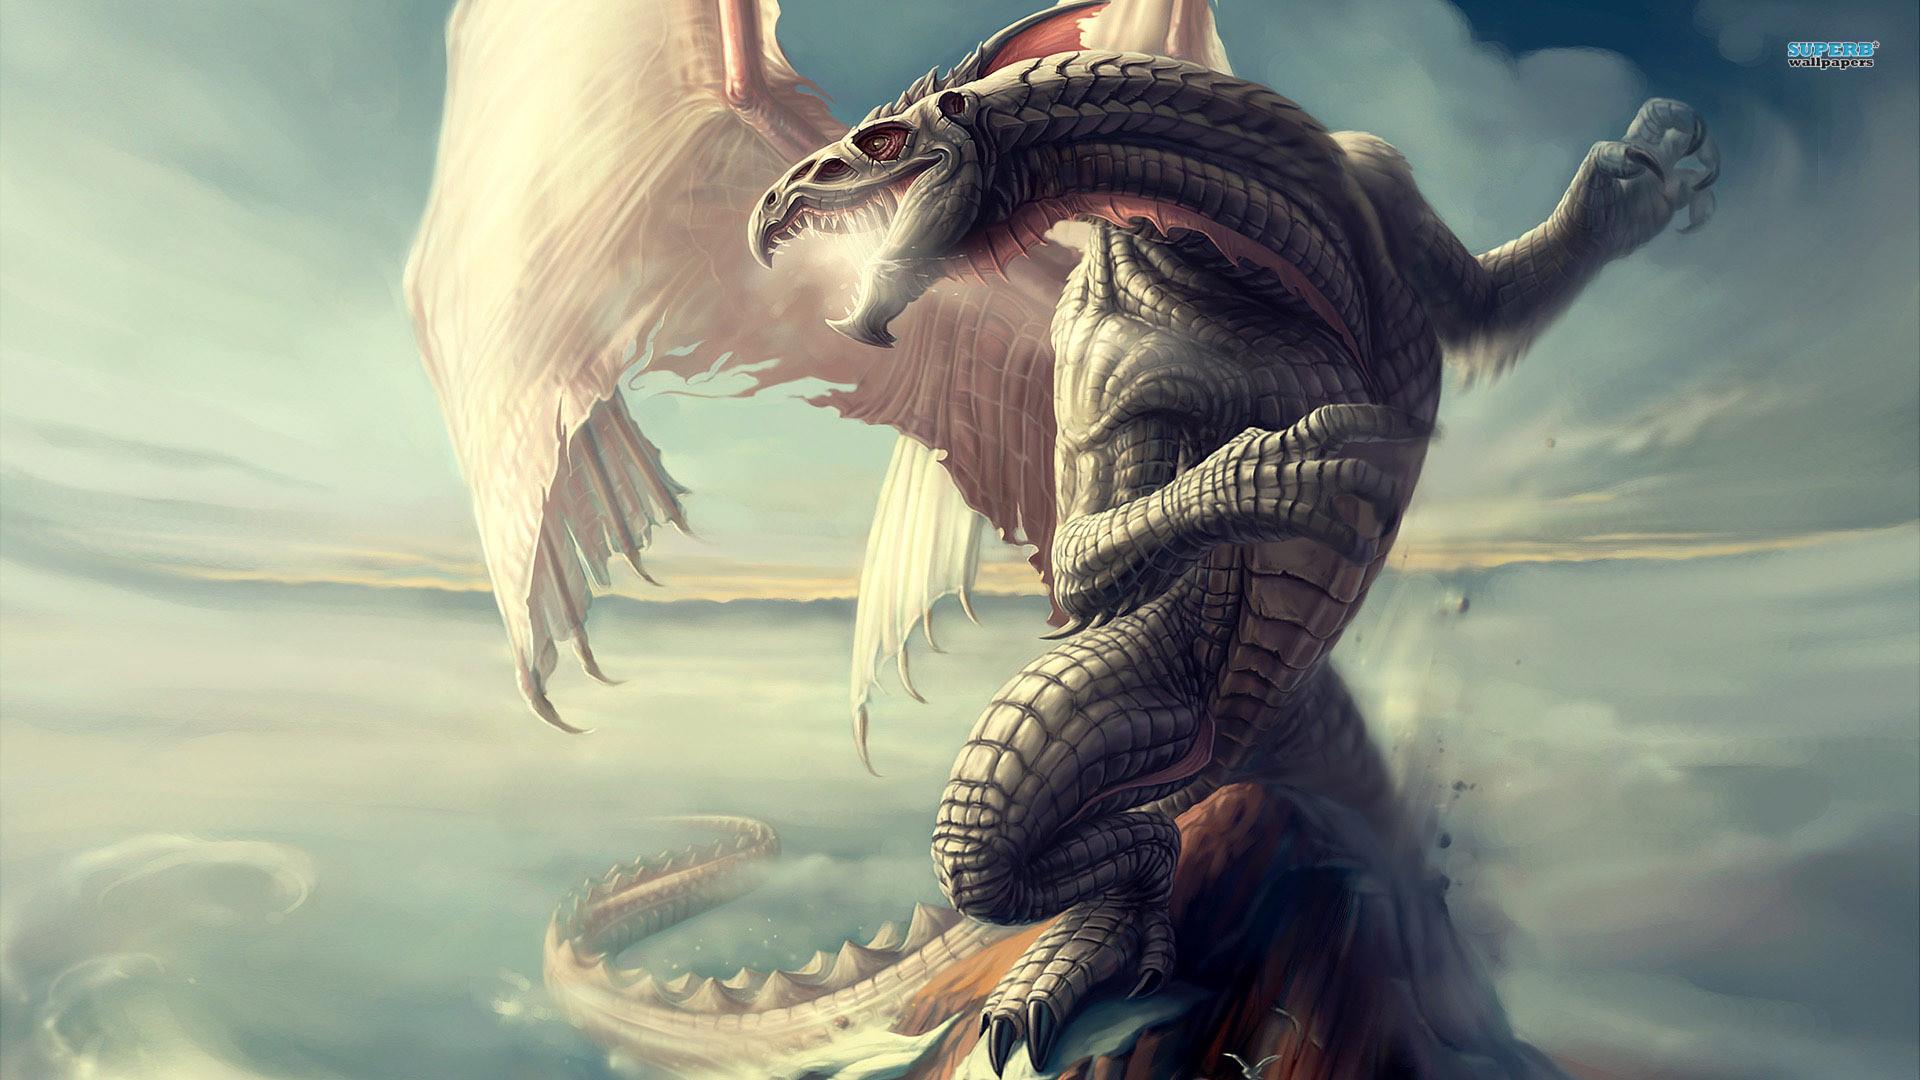 Download Wallpaper Girl, Dragon, Back, Tattoo Full HD 1920×1080 Dragon HD